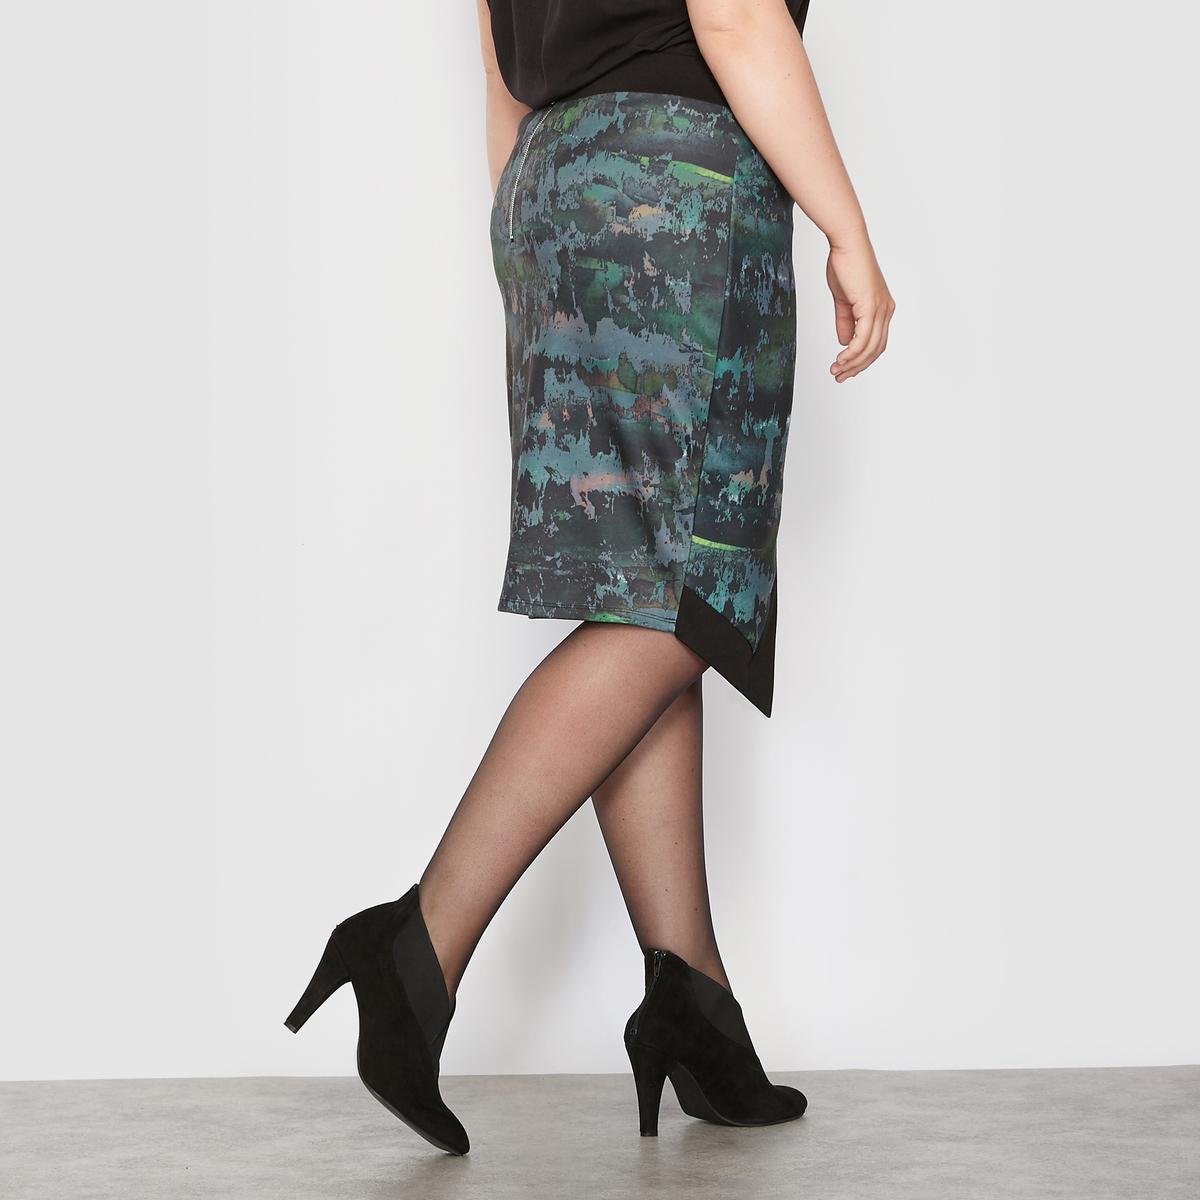 Юбка асимметричная из трикотажа с рисункомАсимметричная юбка из трикотажа с рисунком.Оригинальный рисунок, комфортный плотный трикотаж.Асимметричный покрой, эффект с запахом спереди.Широкий эластичный пояс на талии.Застежка на молнию посередине сзади.Состав и описание :Материал : плотный трикотаж с рисунком 95% полиэстера, 5% эластана.Длина посередине сзади 54 см для 42 размера.Марка : CASTALUNAУход : Машинная стирка при 30 °С в деликатном режиме.<br><br>Цвет: рисунок пятна<br>Размер: 58 (FR) - 64 (RUS).56 (FR) - 62 (RUS).54 (FR) - 60 (RUS).50 (FR) - 56 (RUS)